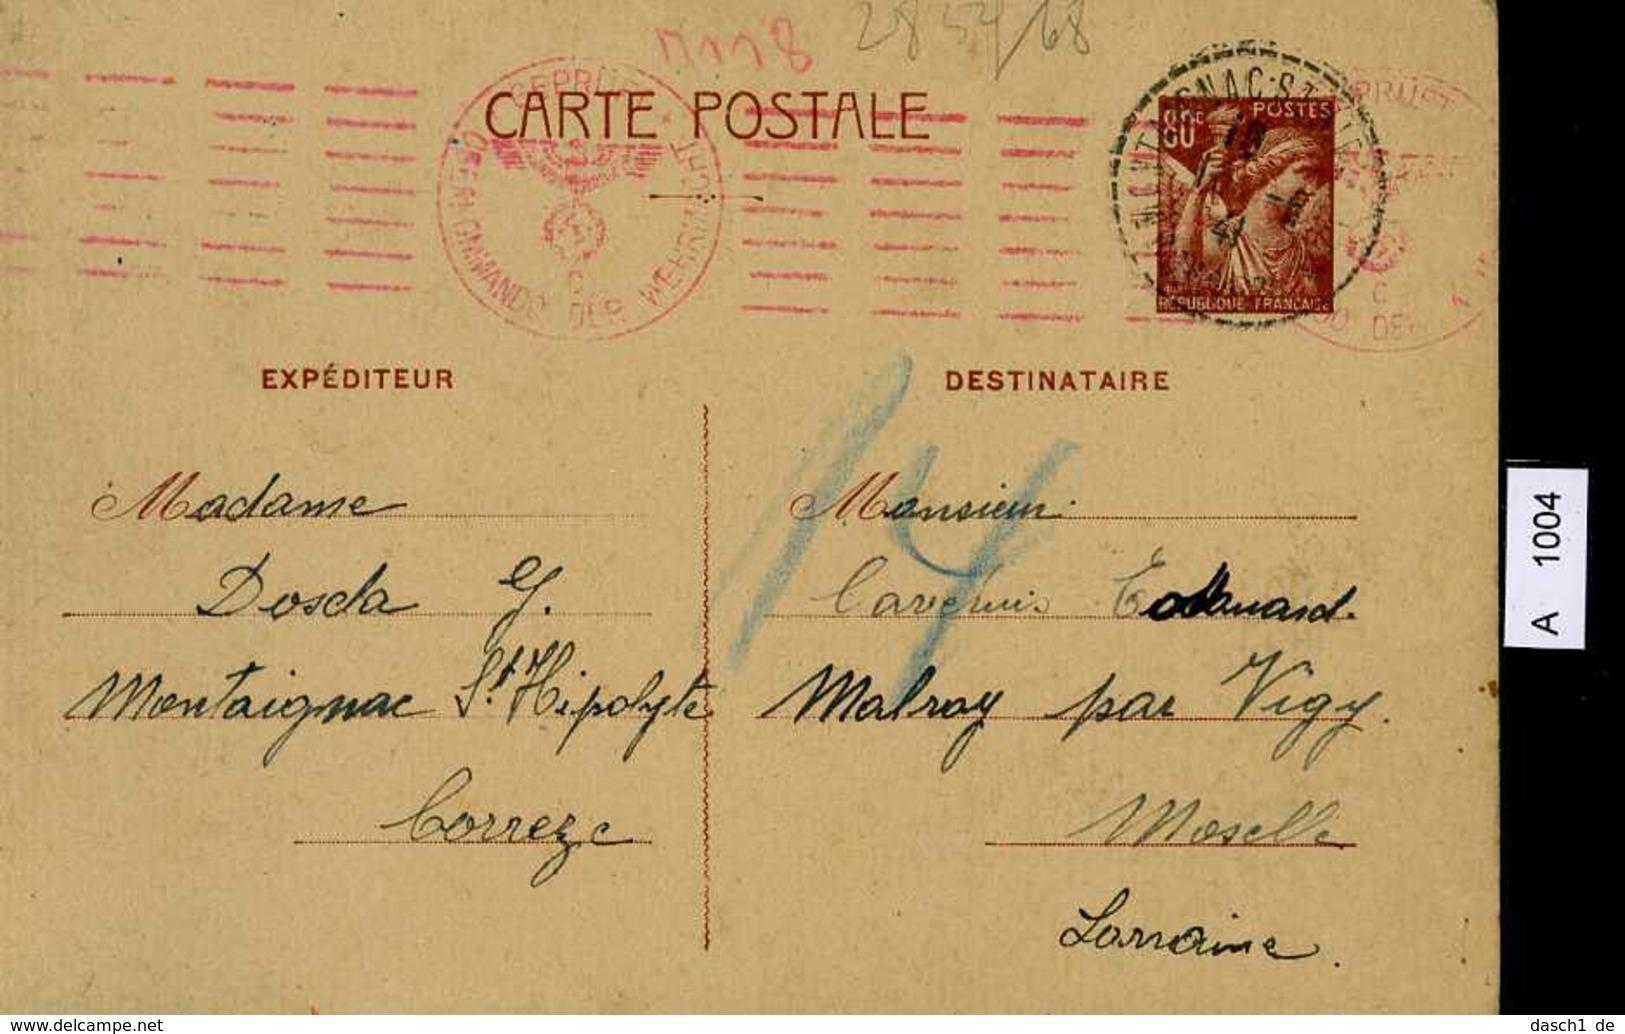 Frankreich, Postkarte Mit Zensurstempel, 1941 - Briefe U. Dokumente